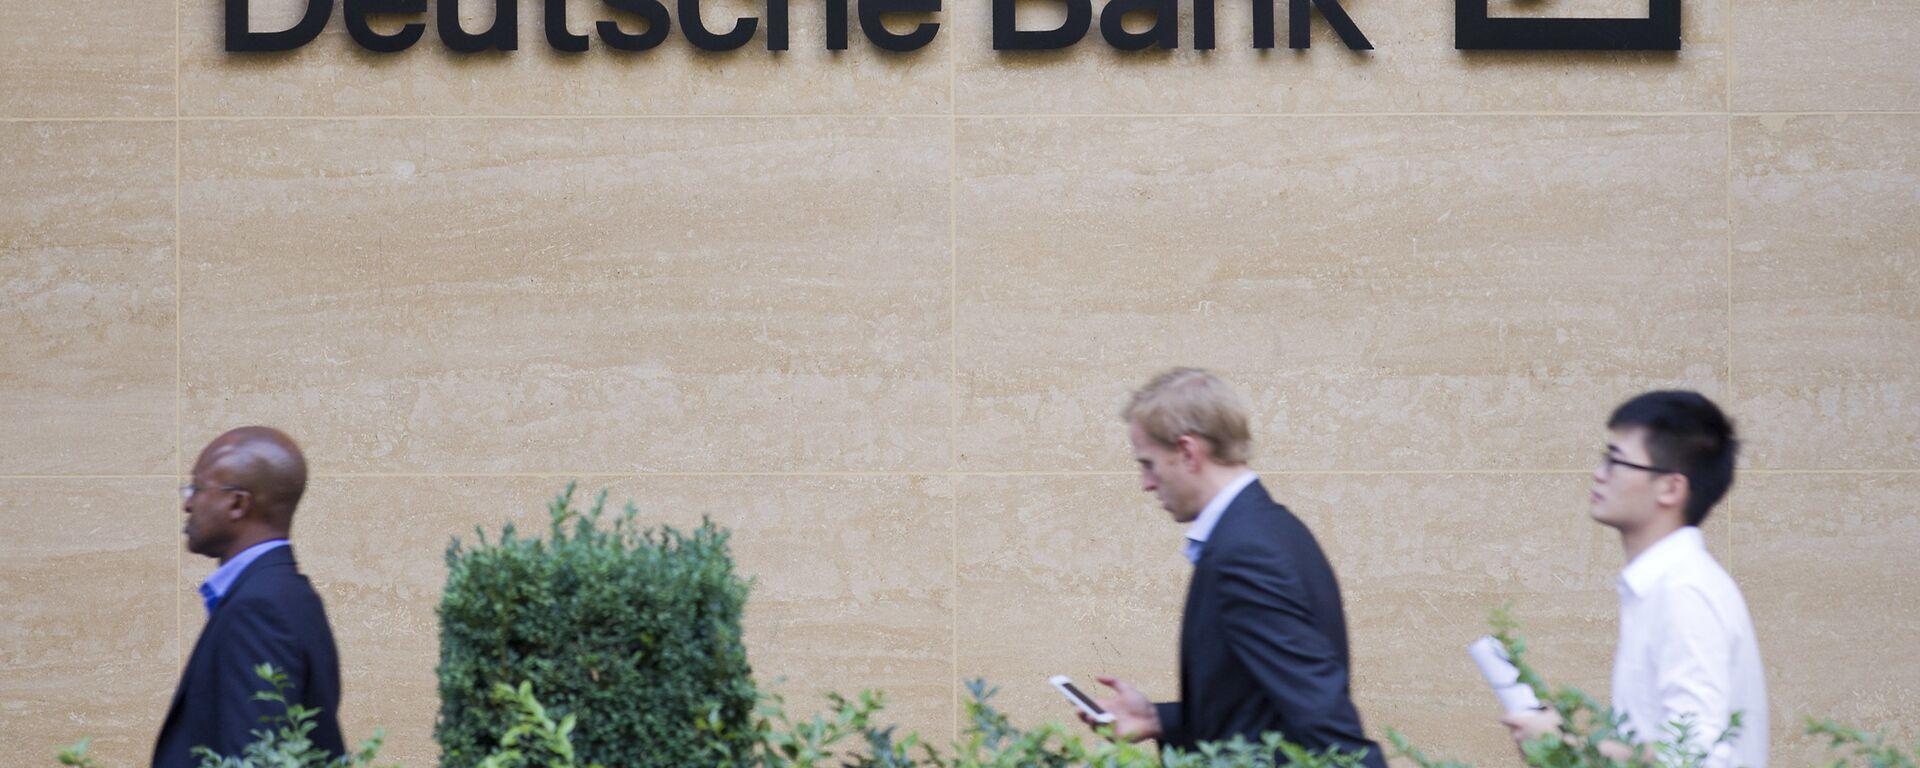 L'edificio del Deutsche Bank - Sputnik Italia, 1920, 19.06.2020